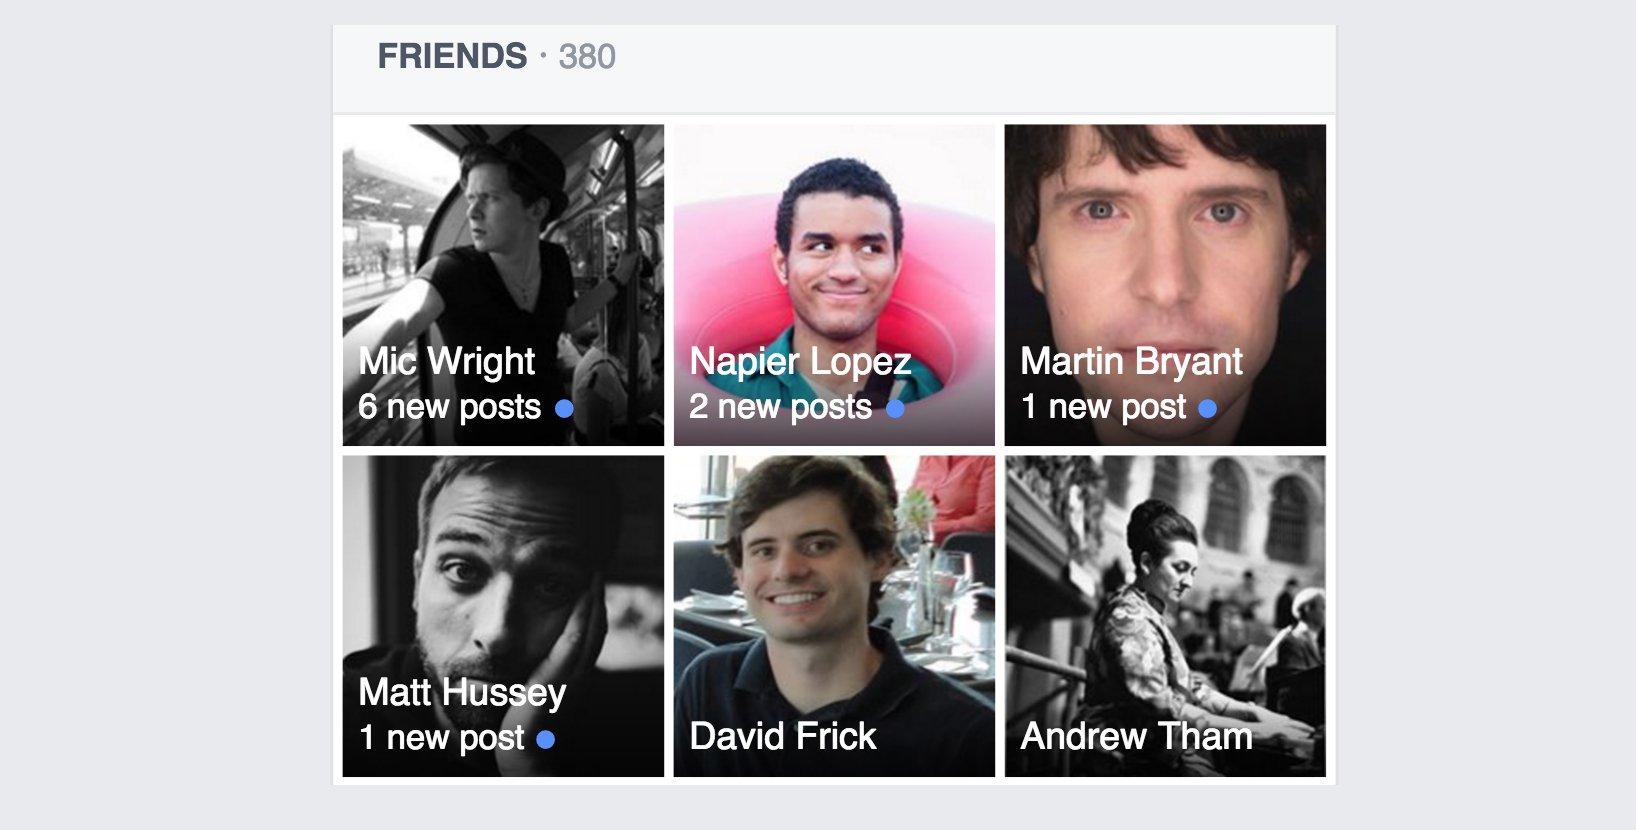 ميزة جديدة من فيس بوك Facebook تعرض عدد مشاركات الأصدقاء في صفحتك